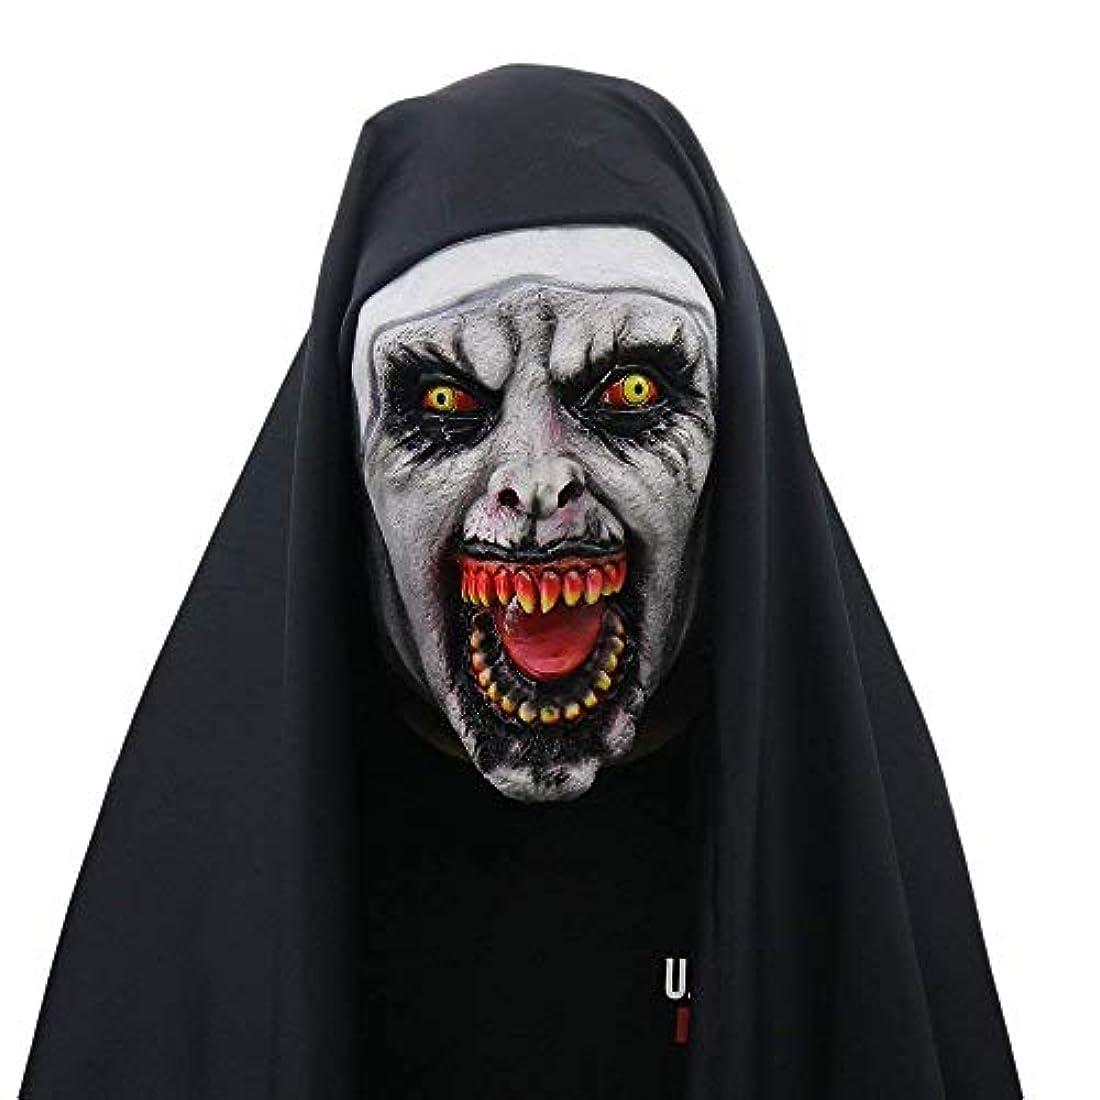 継承幼児その他女性のためのハロウィン修道女の衣装、修道女仮面の怖いベール